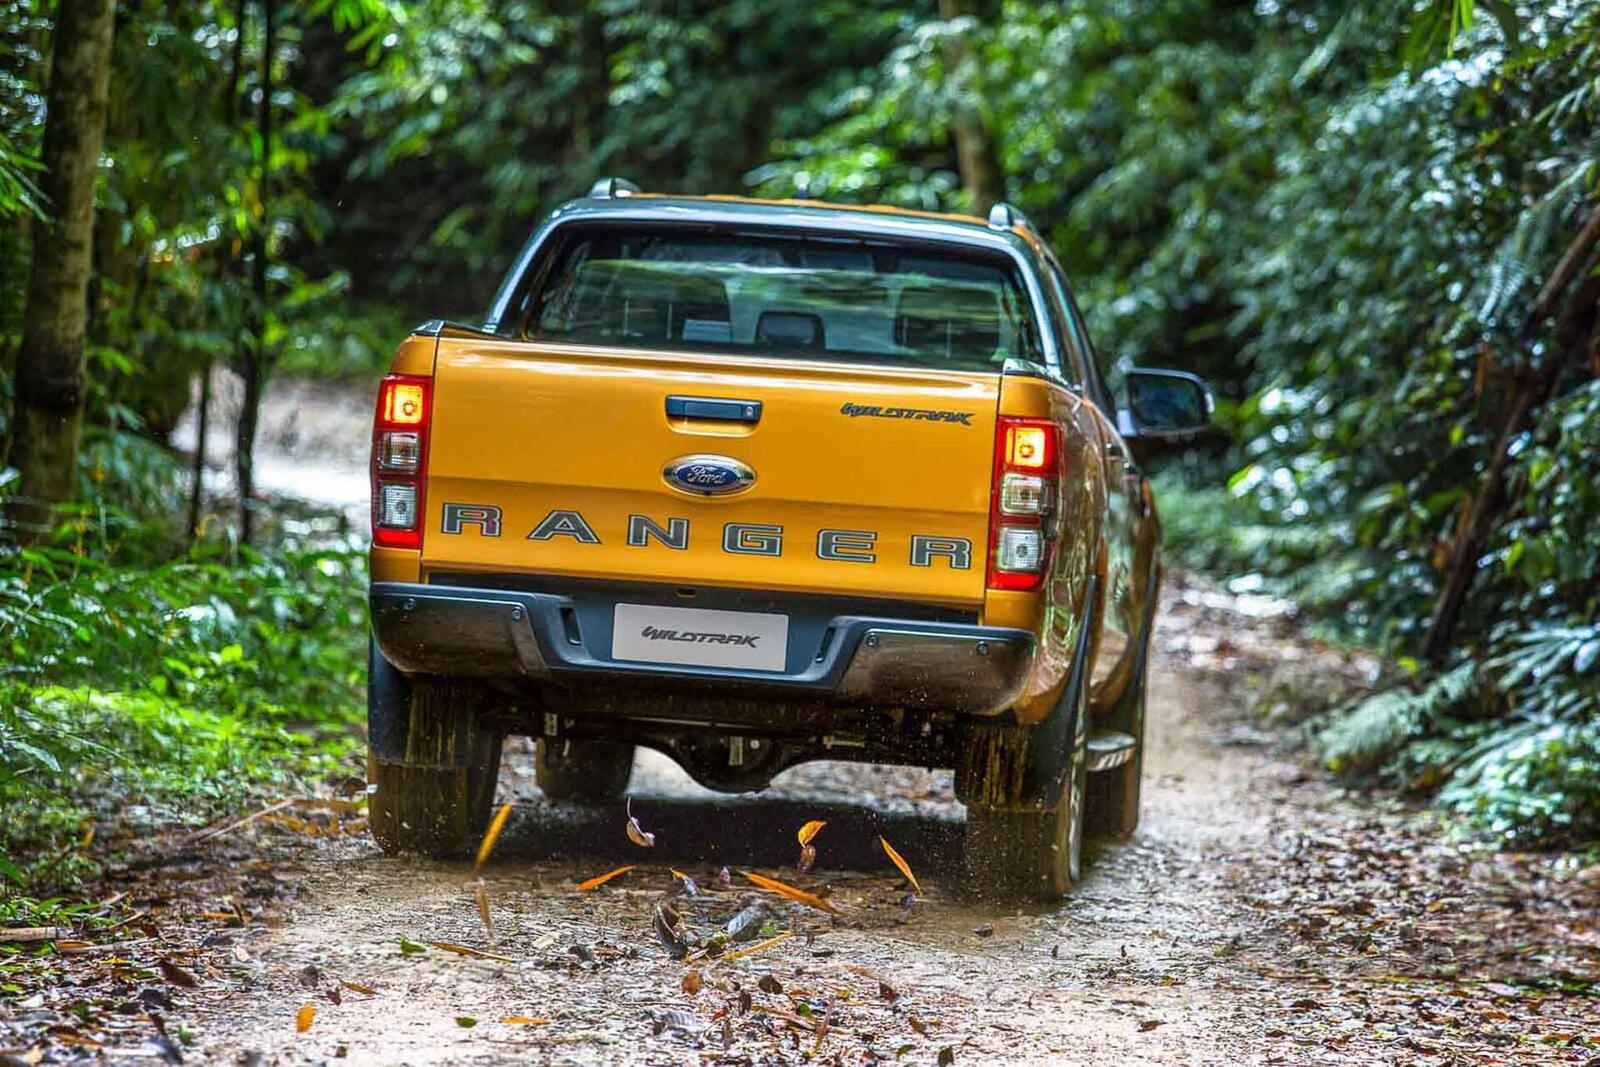 Ford Ranger đạt doanh số kỷ lục tại Châu Á Thái Bình Dương năm thứ 10 liên tiếp - Hình 3